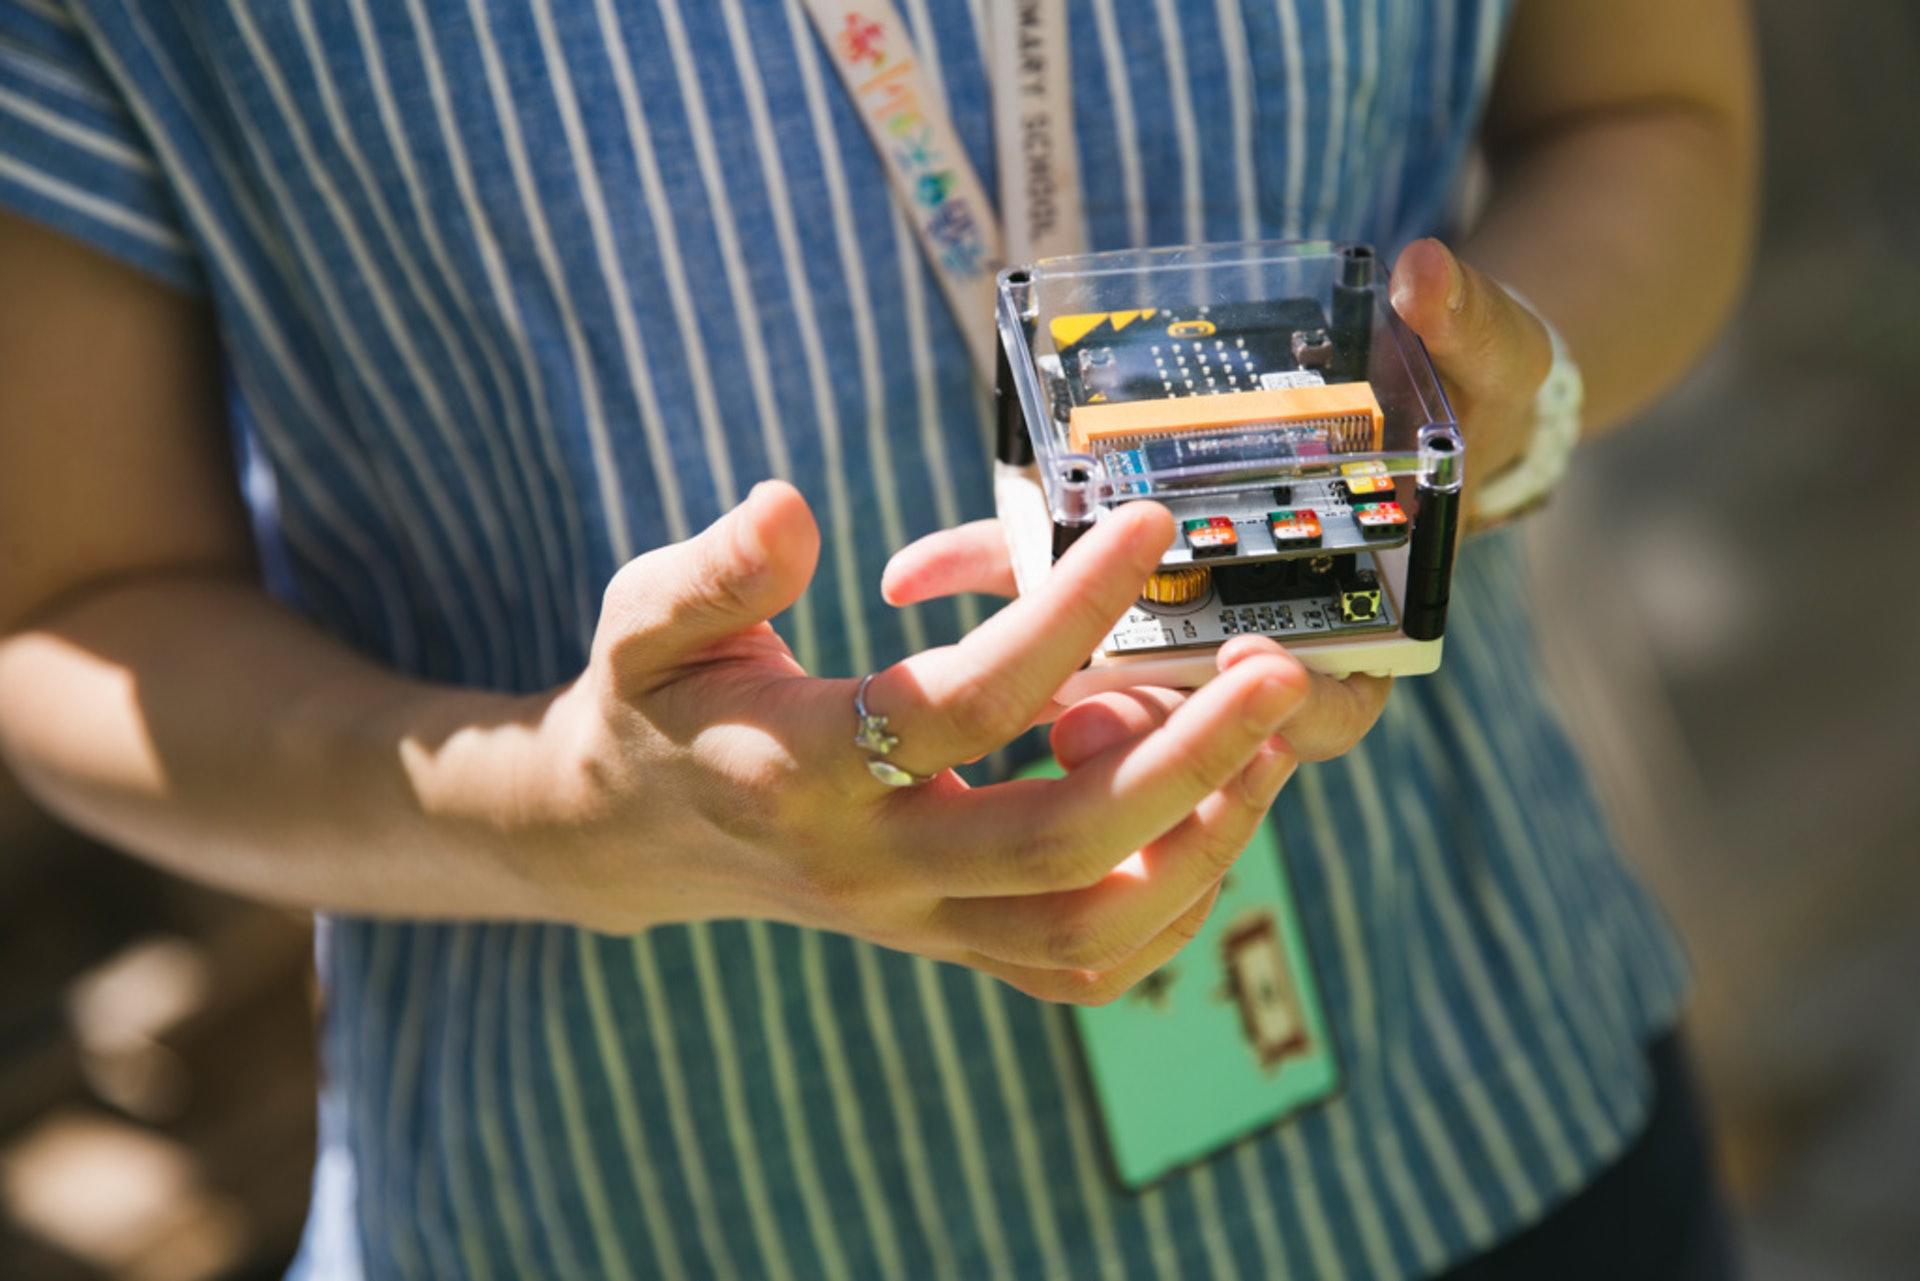 王嘉蓉表示,早幾天得知由學生設計的裝置無法在超過十米範圍外生效後,自己於幾天內重新研究出另一個裝置,至於裝置成效如何,則要下回上堂時再分曉。(黃寶瑩攝)